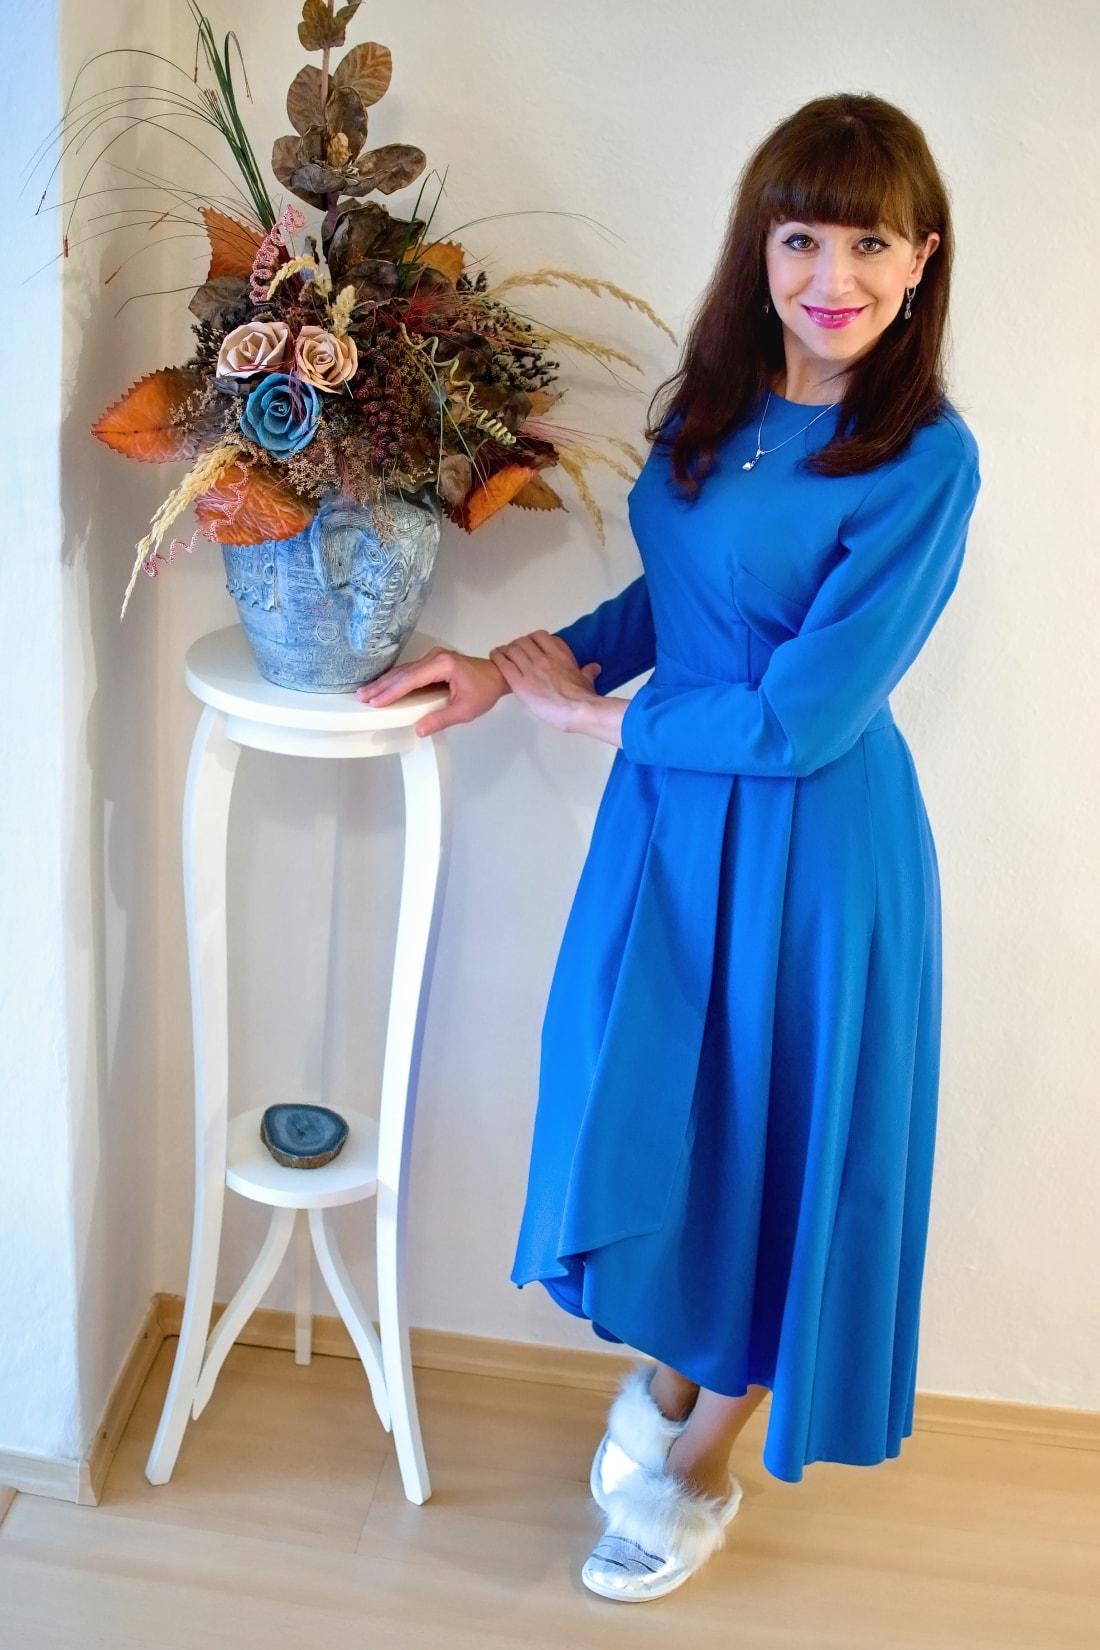 Cap-a-pie_Katharine-fashion is beautiful_blog 3_Modré šaty Fashion Guide_Šperky od Klenoty Hematit_Papuče_Katarína Jakubčová